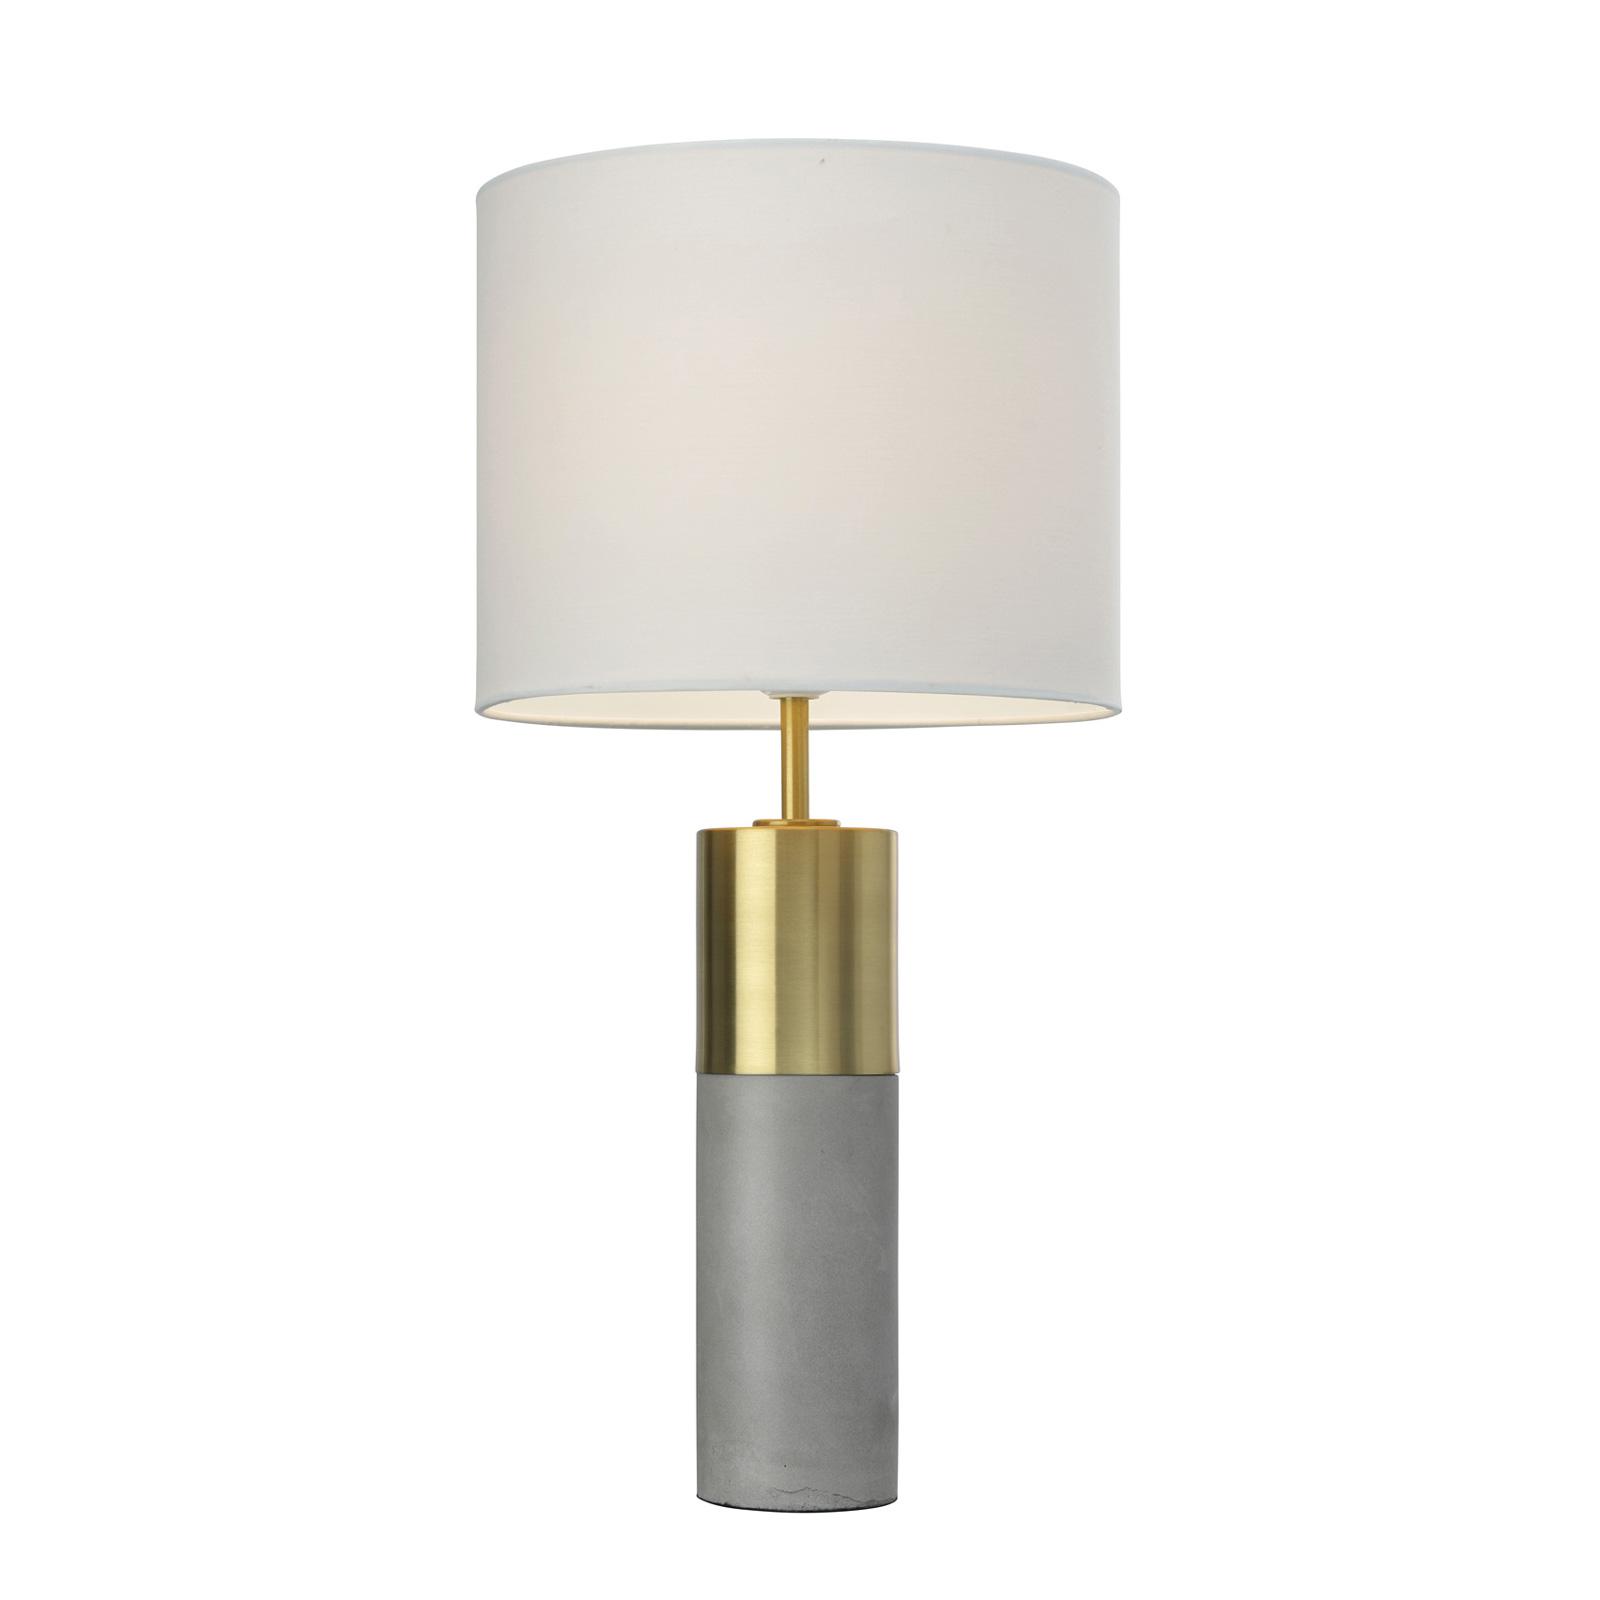 Villeroy & Boch Torino bordlampe, betonlook, 25 cm